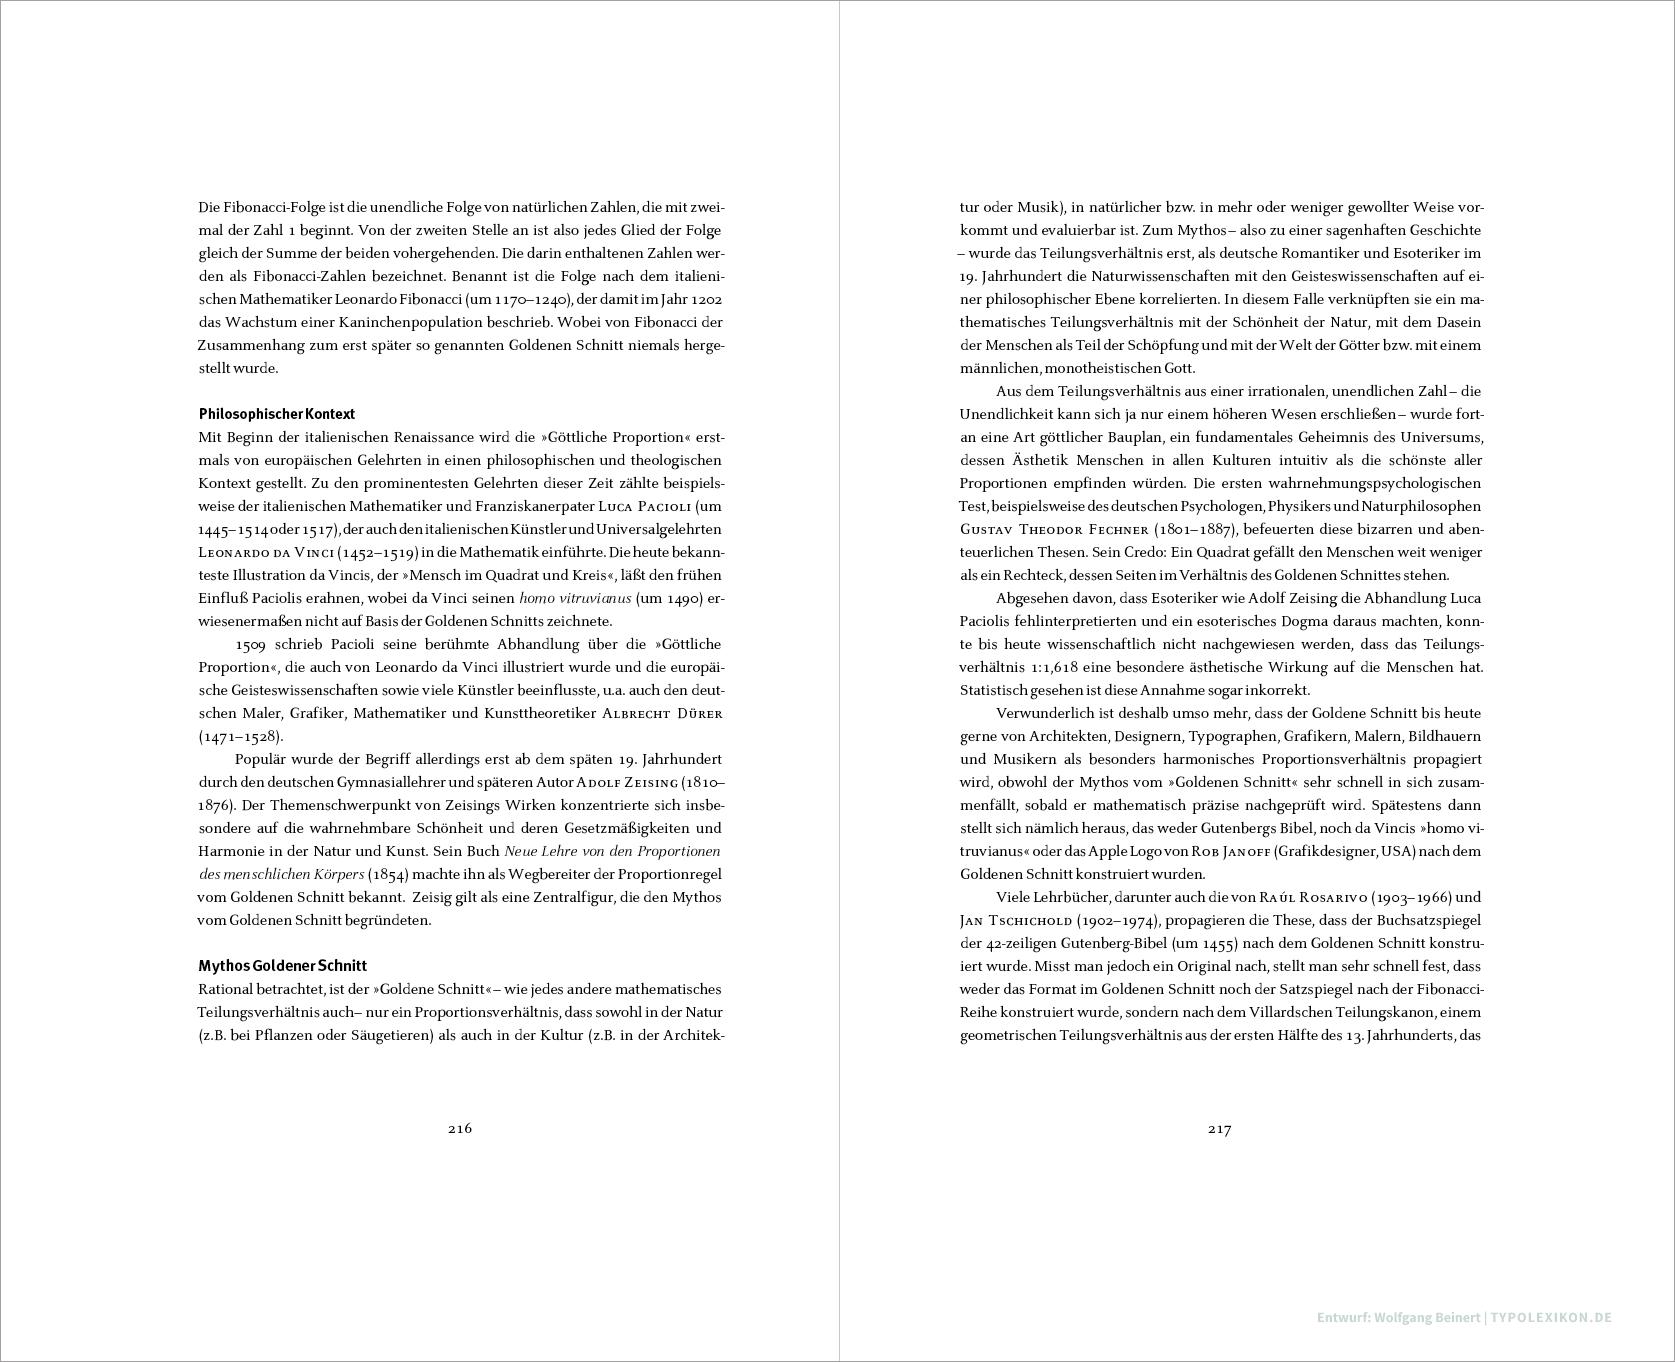 Beispiel eines Seitenformats im Goldenen Schnitt (1:1,618) und Konstruktion eines Satzspiegels nach der Fibonacci-Reihe. Schritt 4: Fertiger Satzspiegel im Teilungsverhältnis 21:34. Entwurf: Wolfgang Beinert, Berlin.